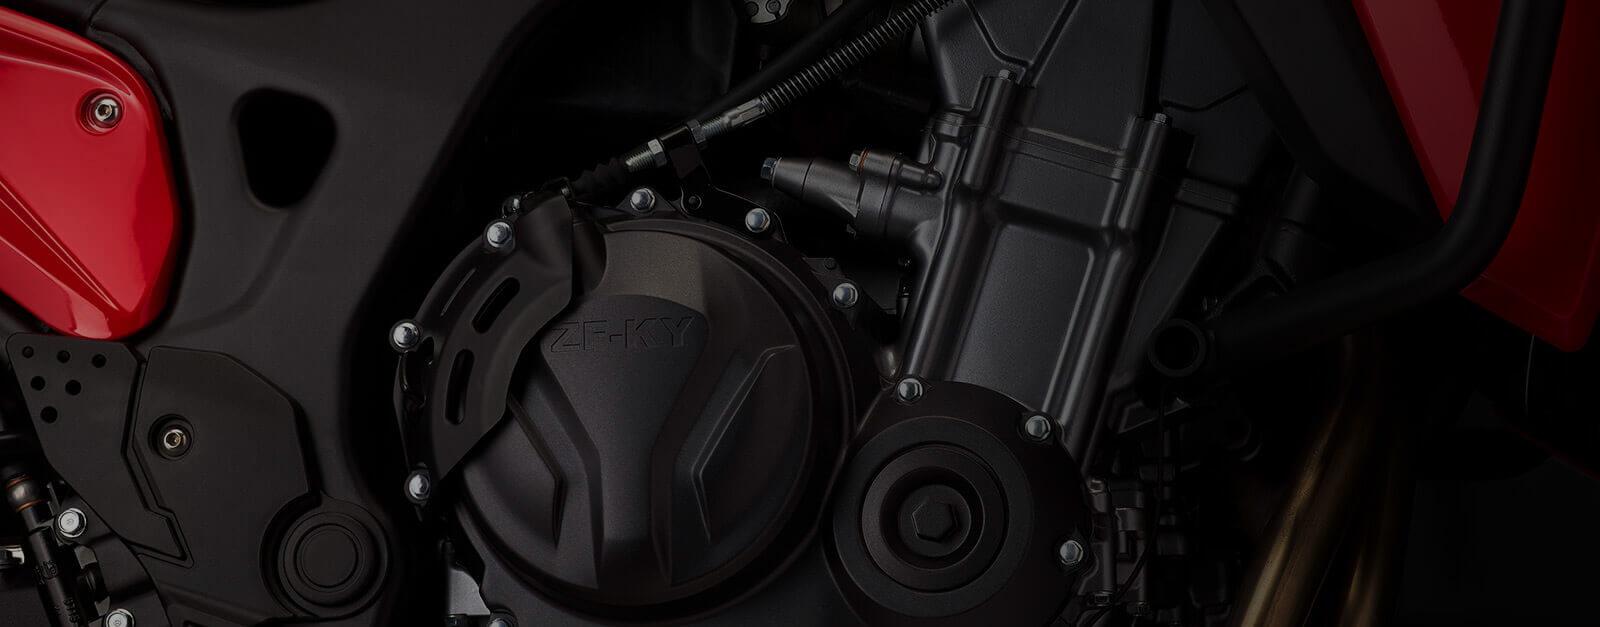 Hunter Motorcycles - Evolution